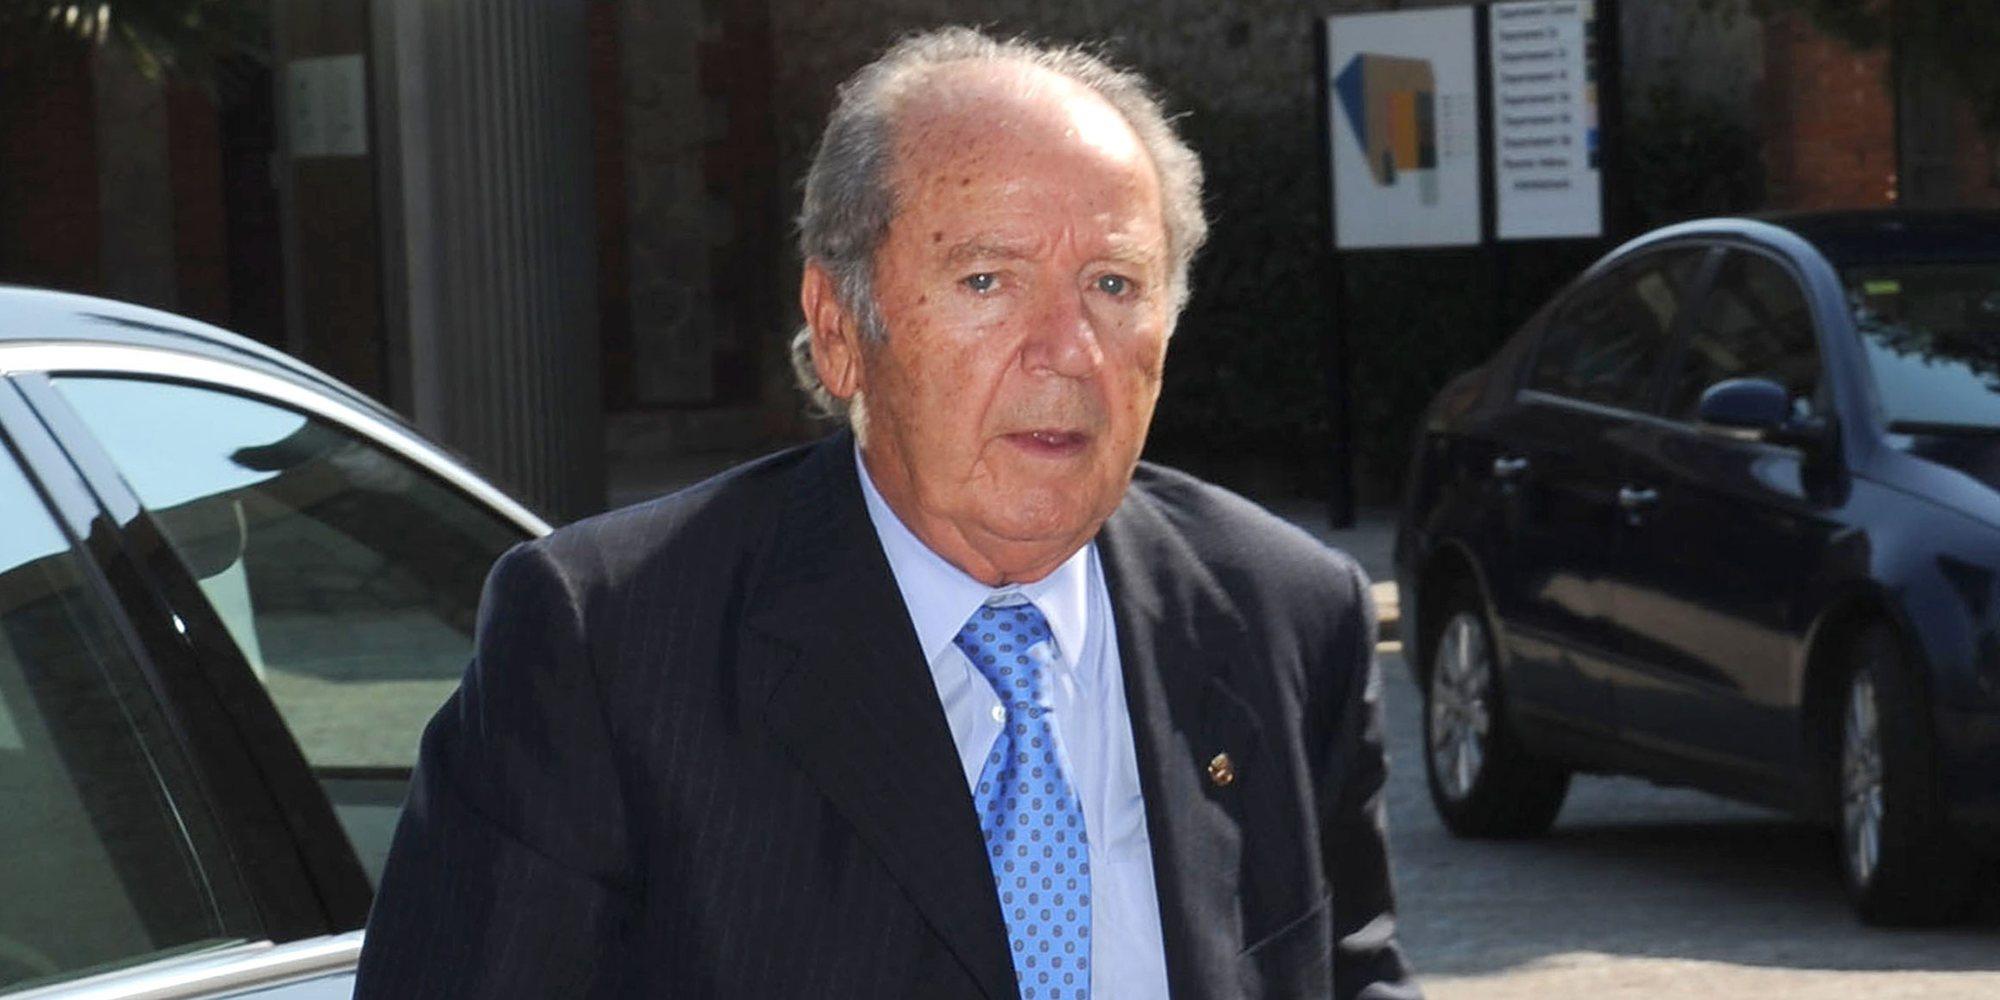 Muere Josep Lluis Núñez, ex Presidente del Barça, a los 87 años